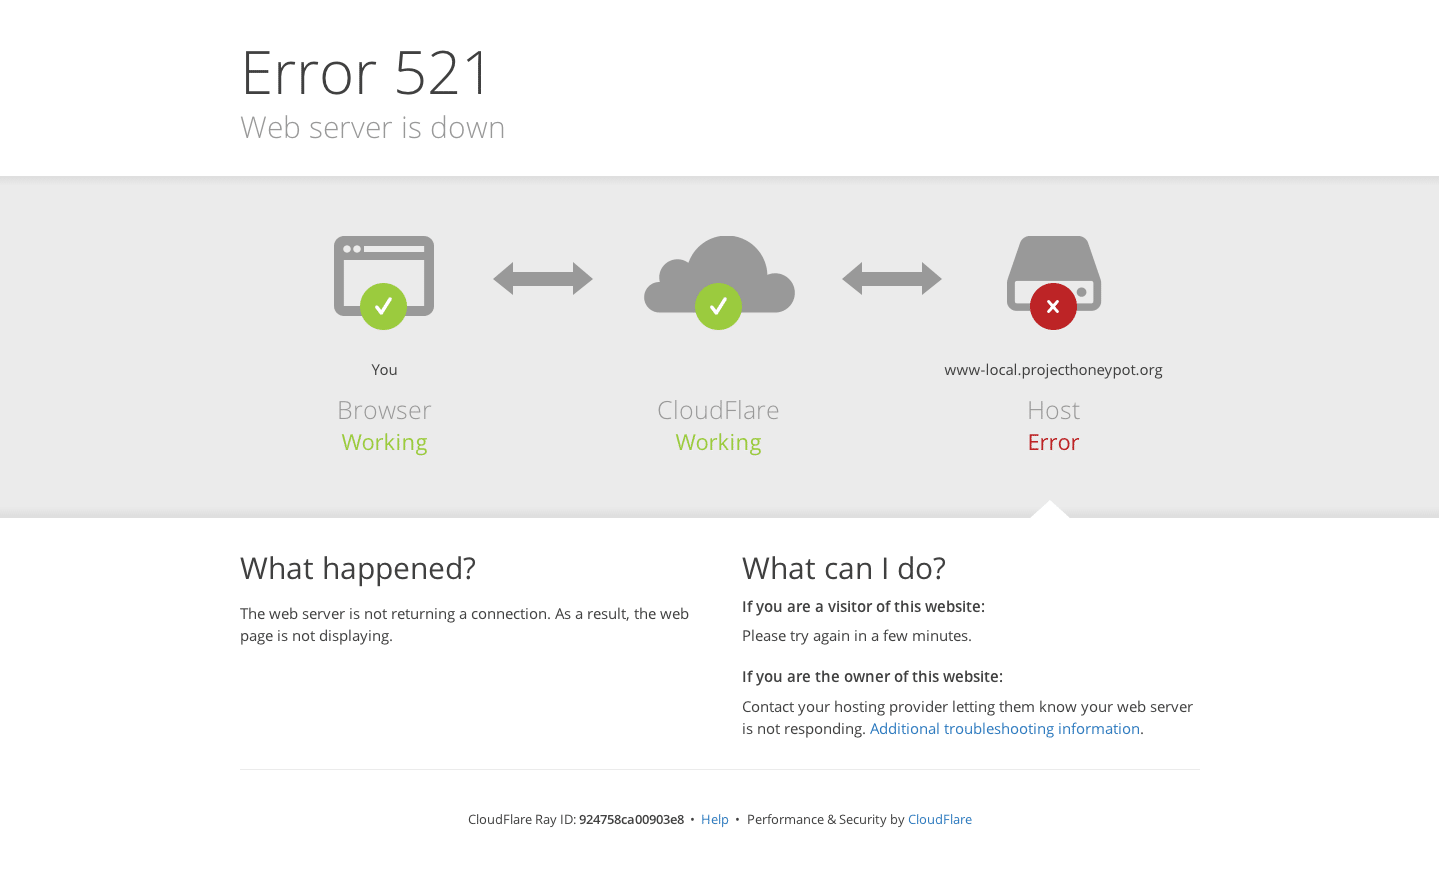 Um exemplo da mensagem Erro 521